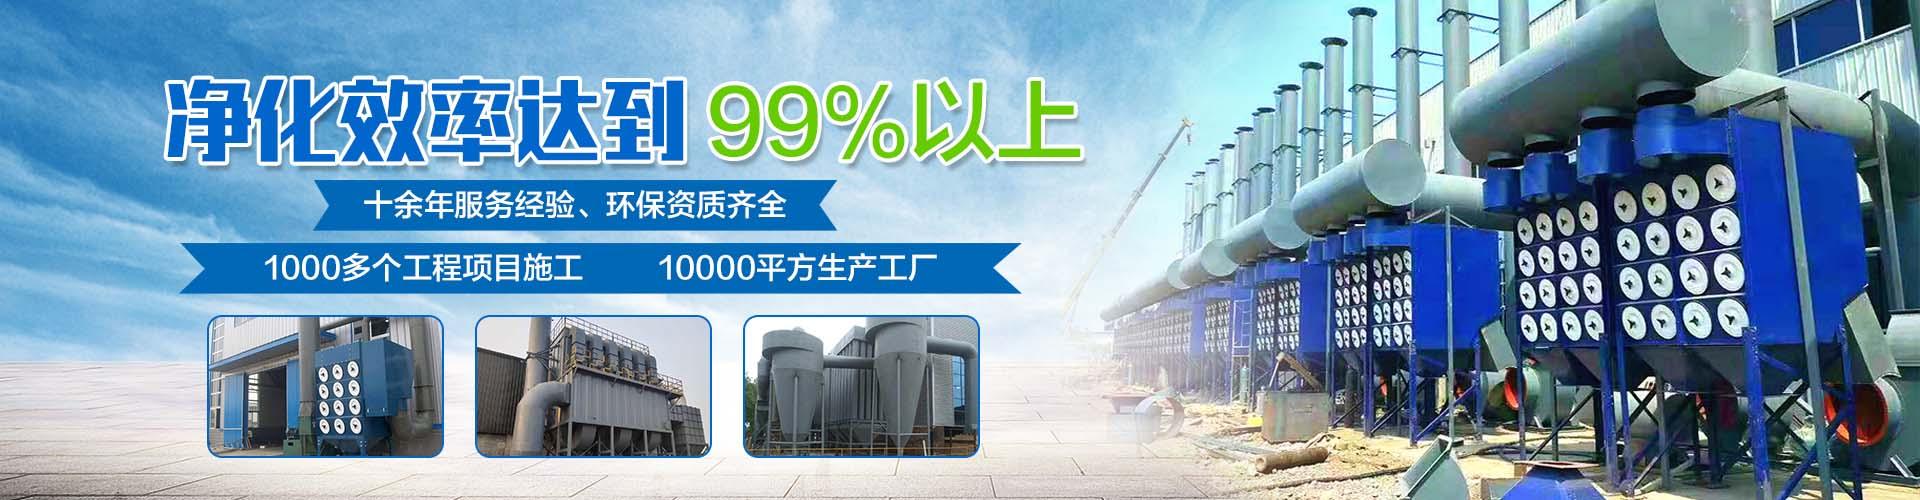 济南恒蓝环保科技有限公司